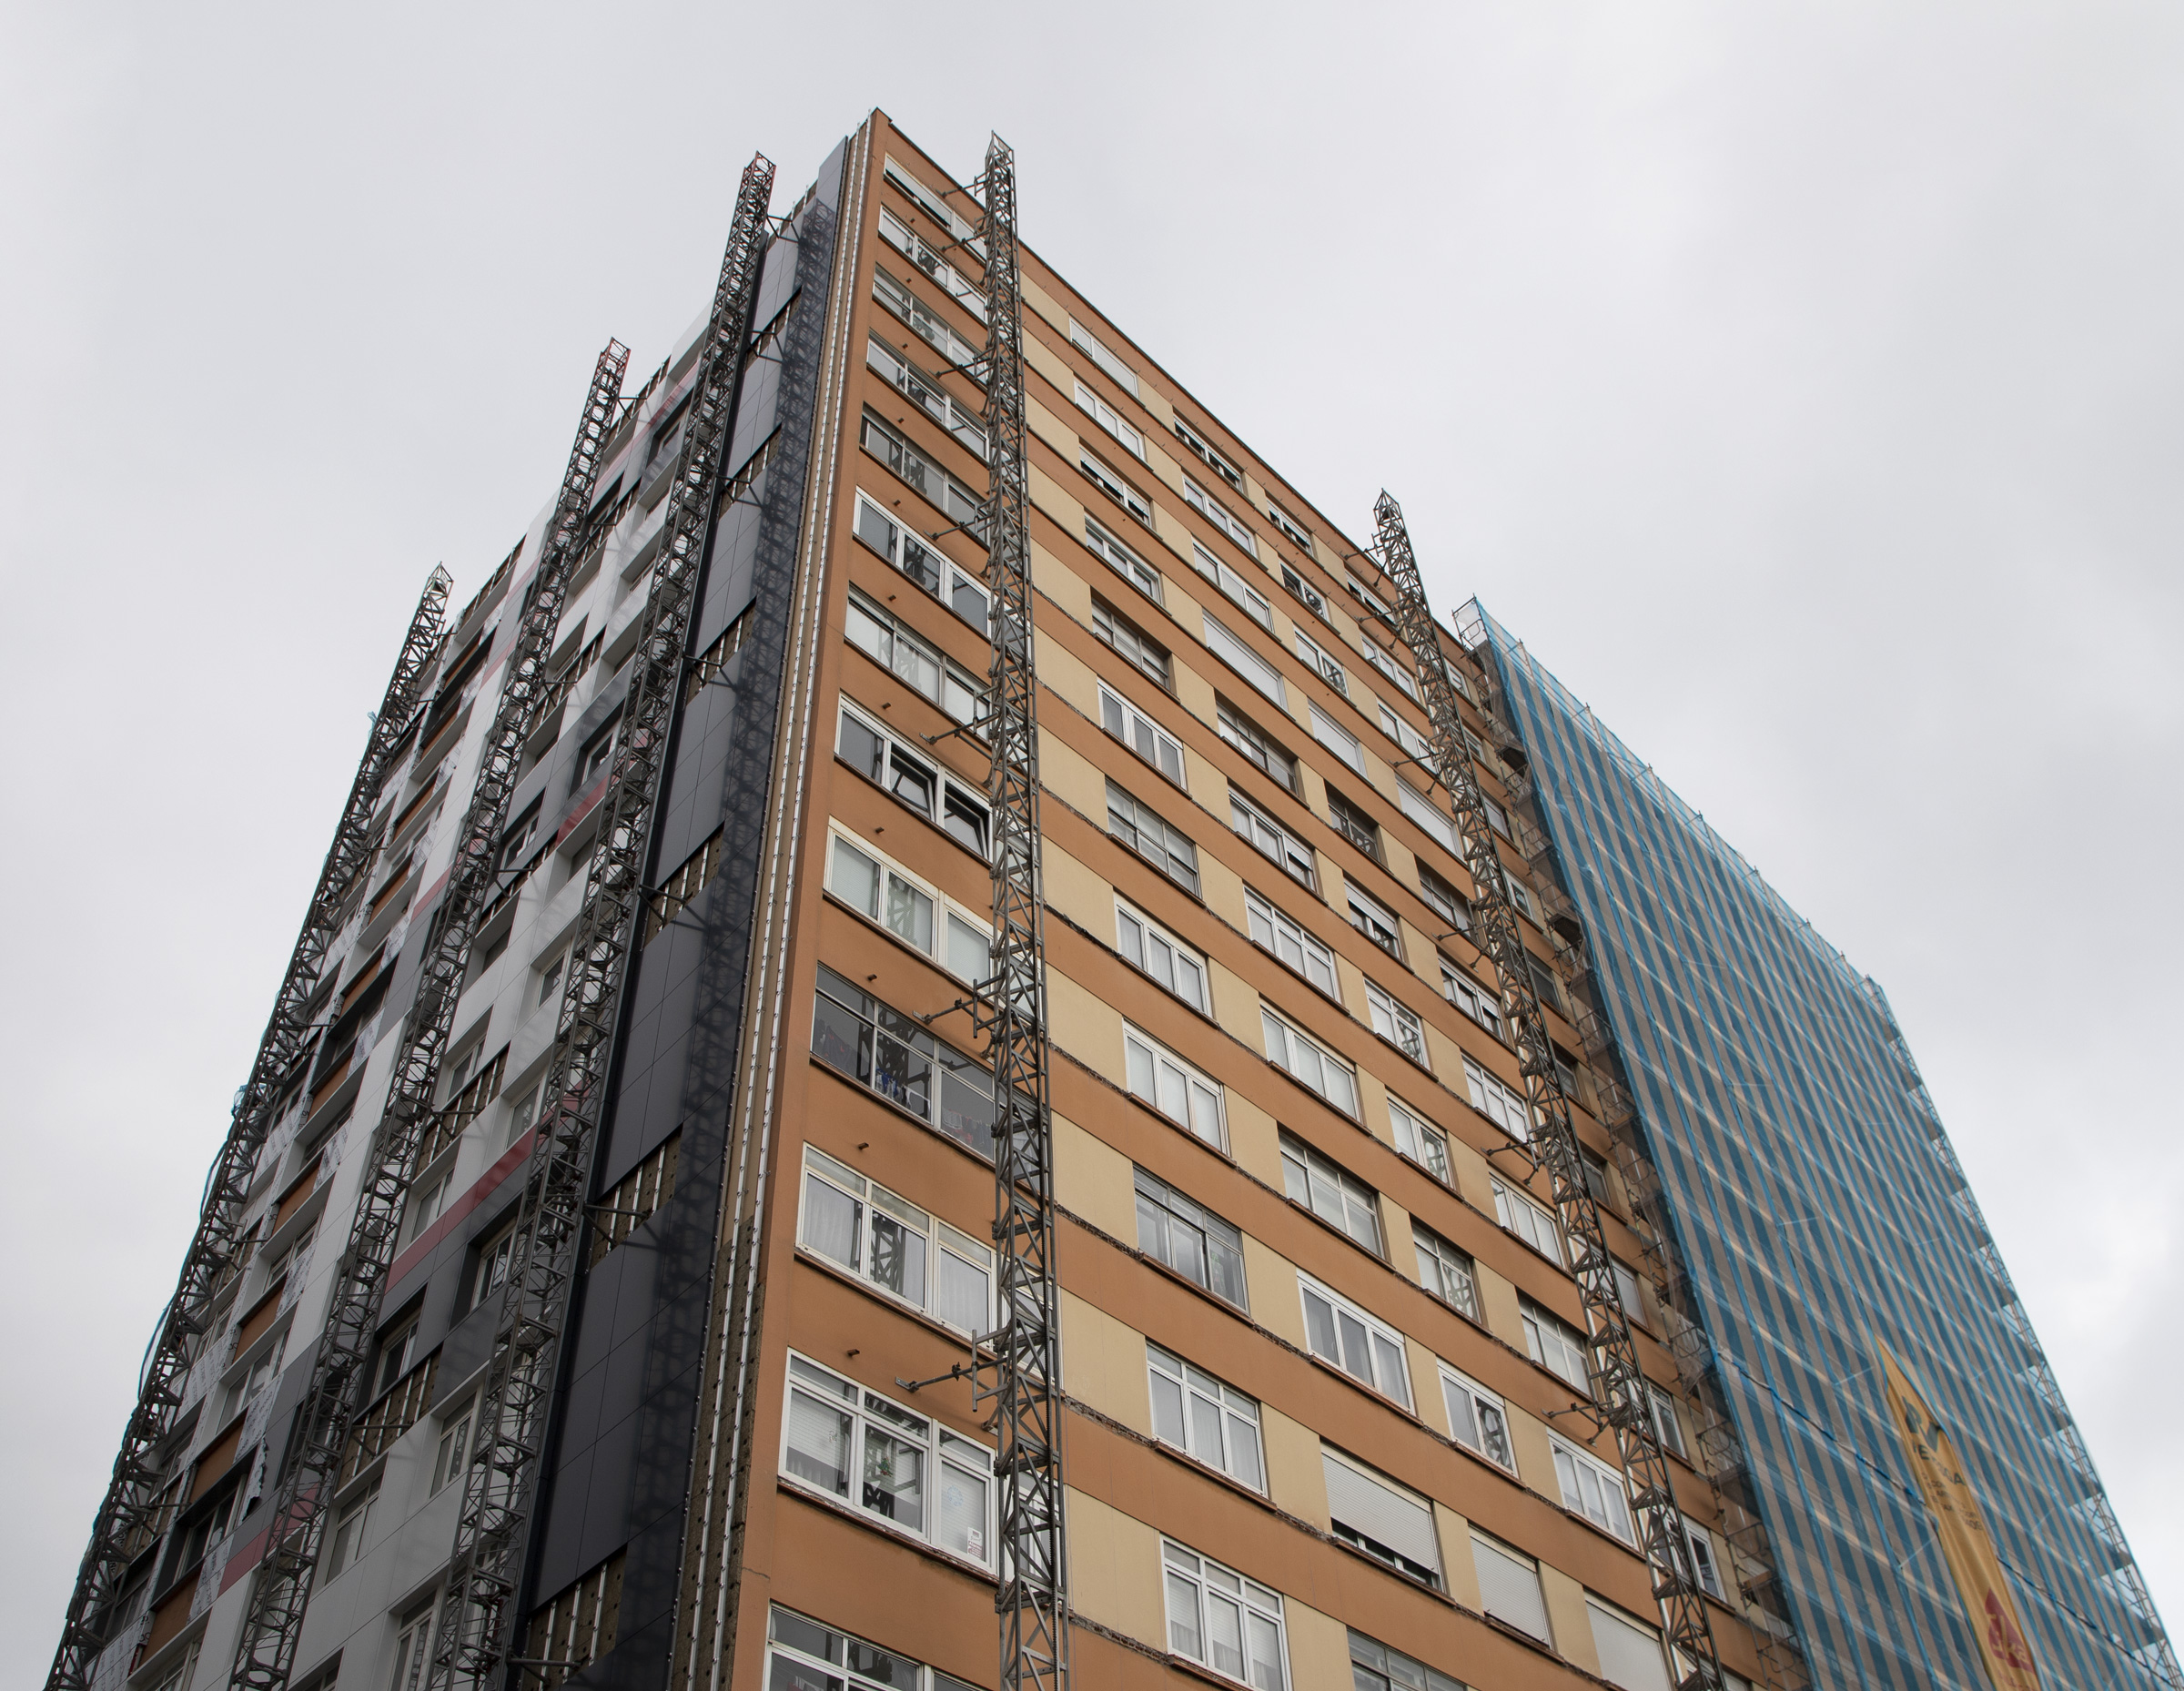 Rehabilitación de fachada en edificio residencial con panel composite de aluminio STACBOND